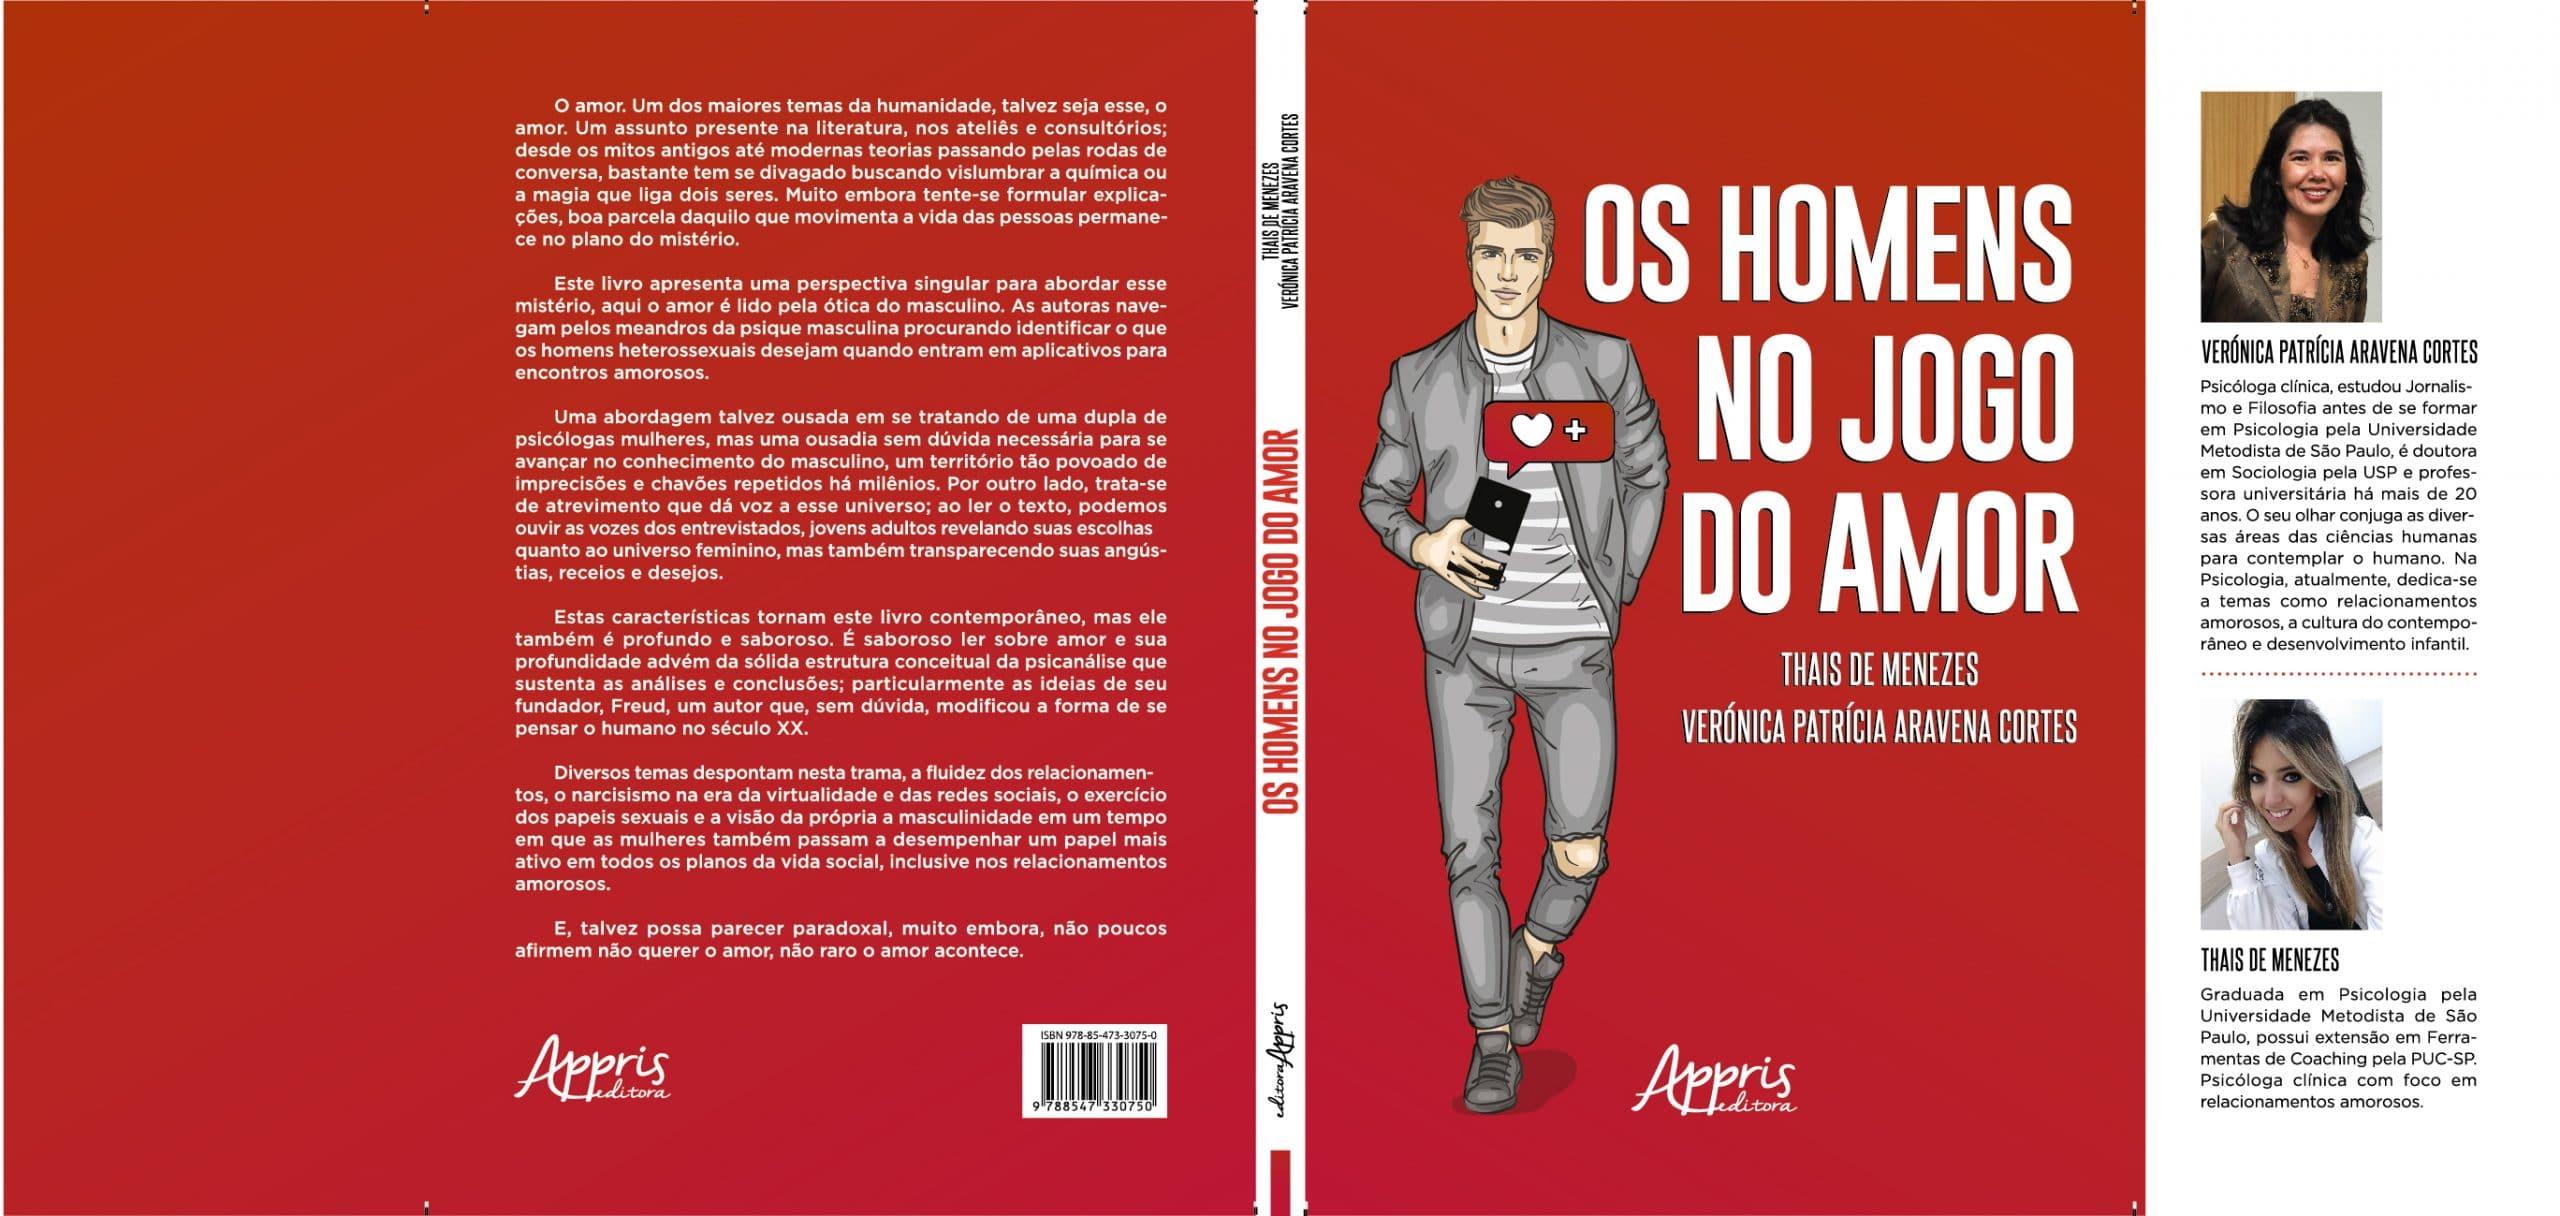 """Capa do livro """"Os Homens no Jogo do Amor"""", com fundo em vermelho e uma ilustração de um homem segurando um celular preto."""